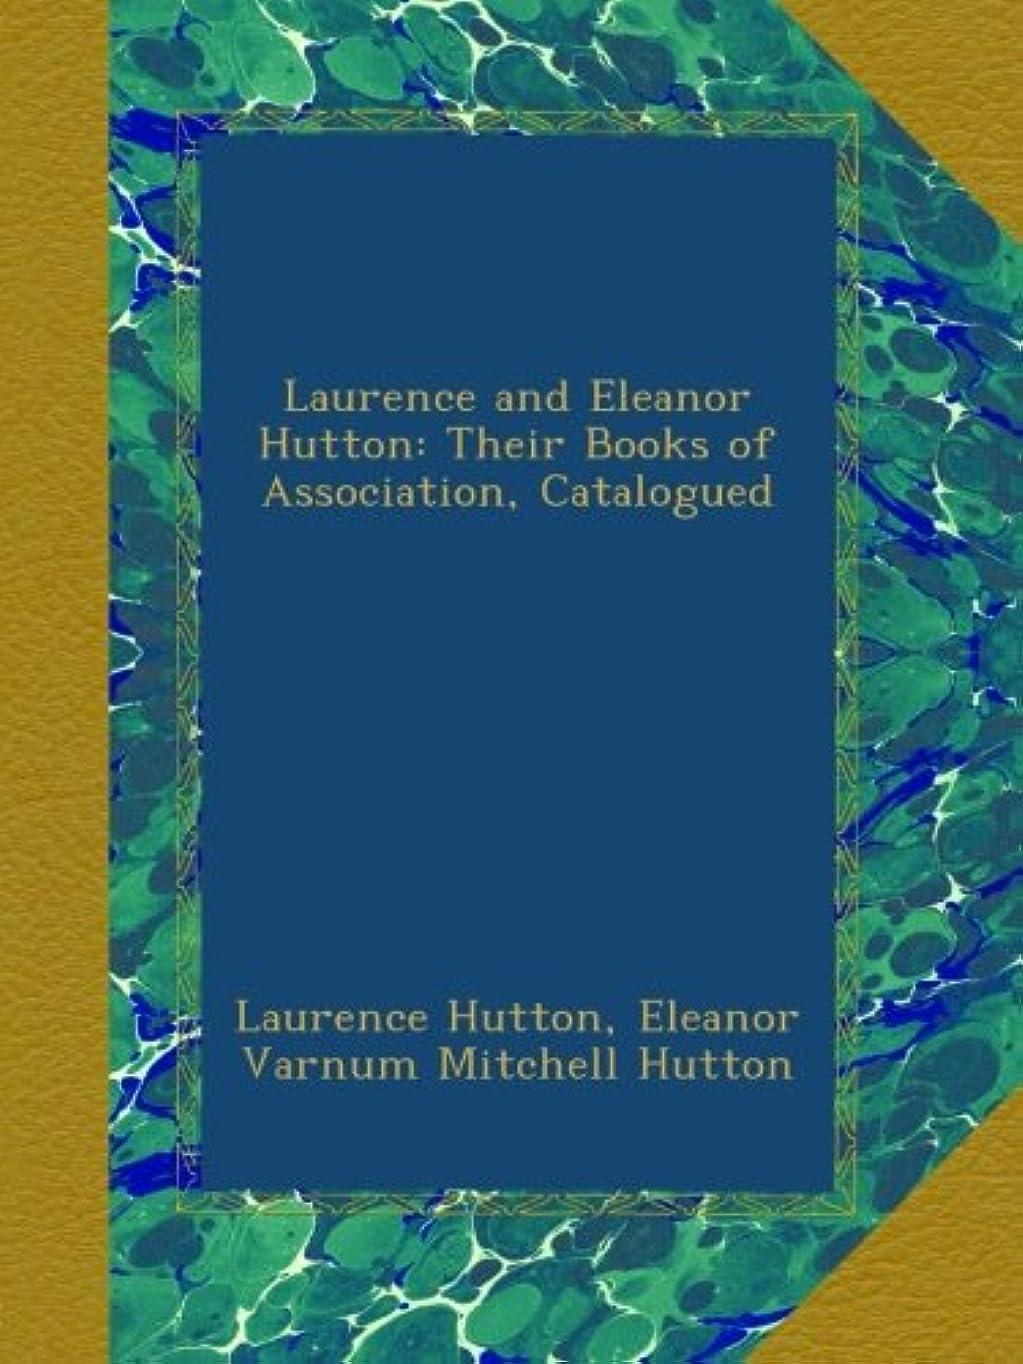 言語学一般化する気候Laurence and Eleanor Hutton: Their Books of Association, Catalogued